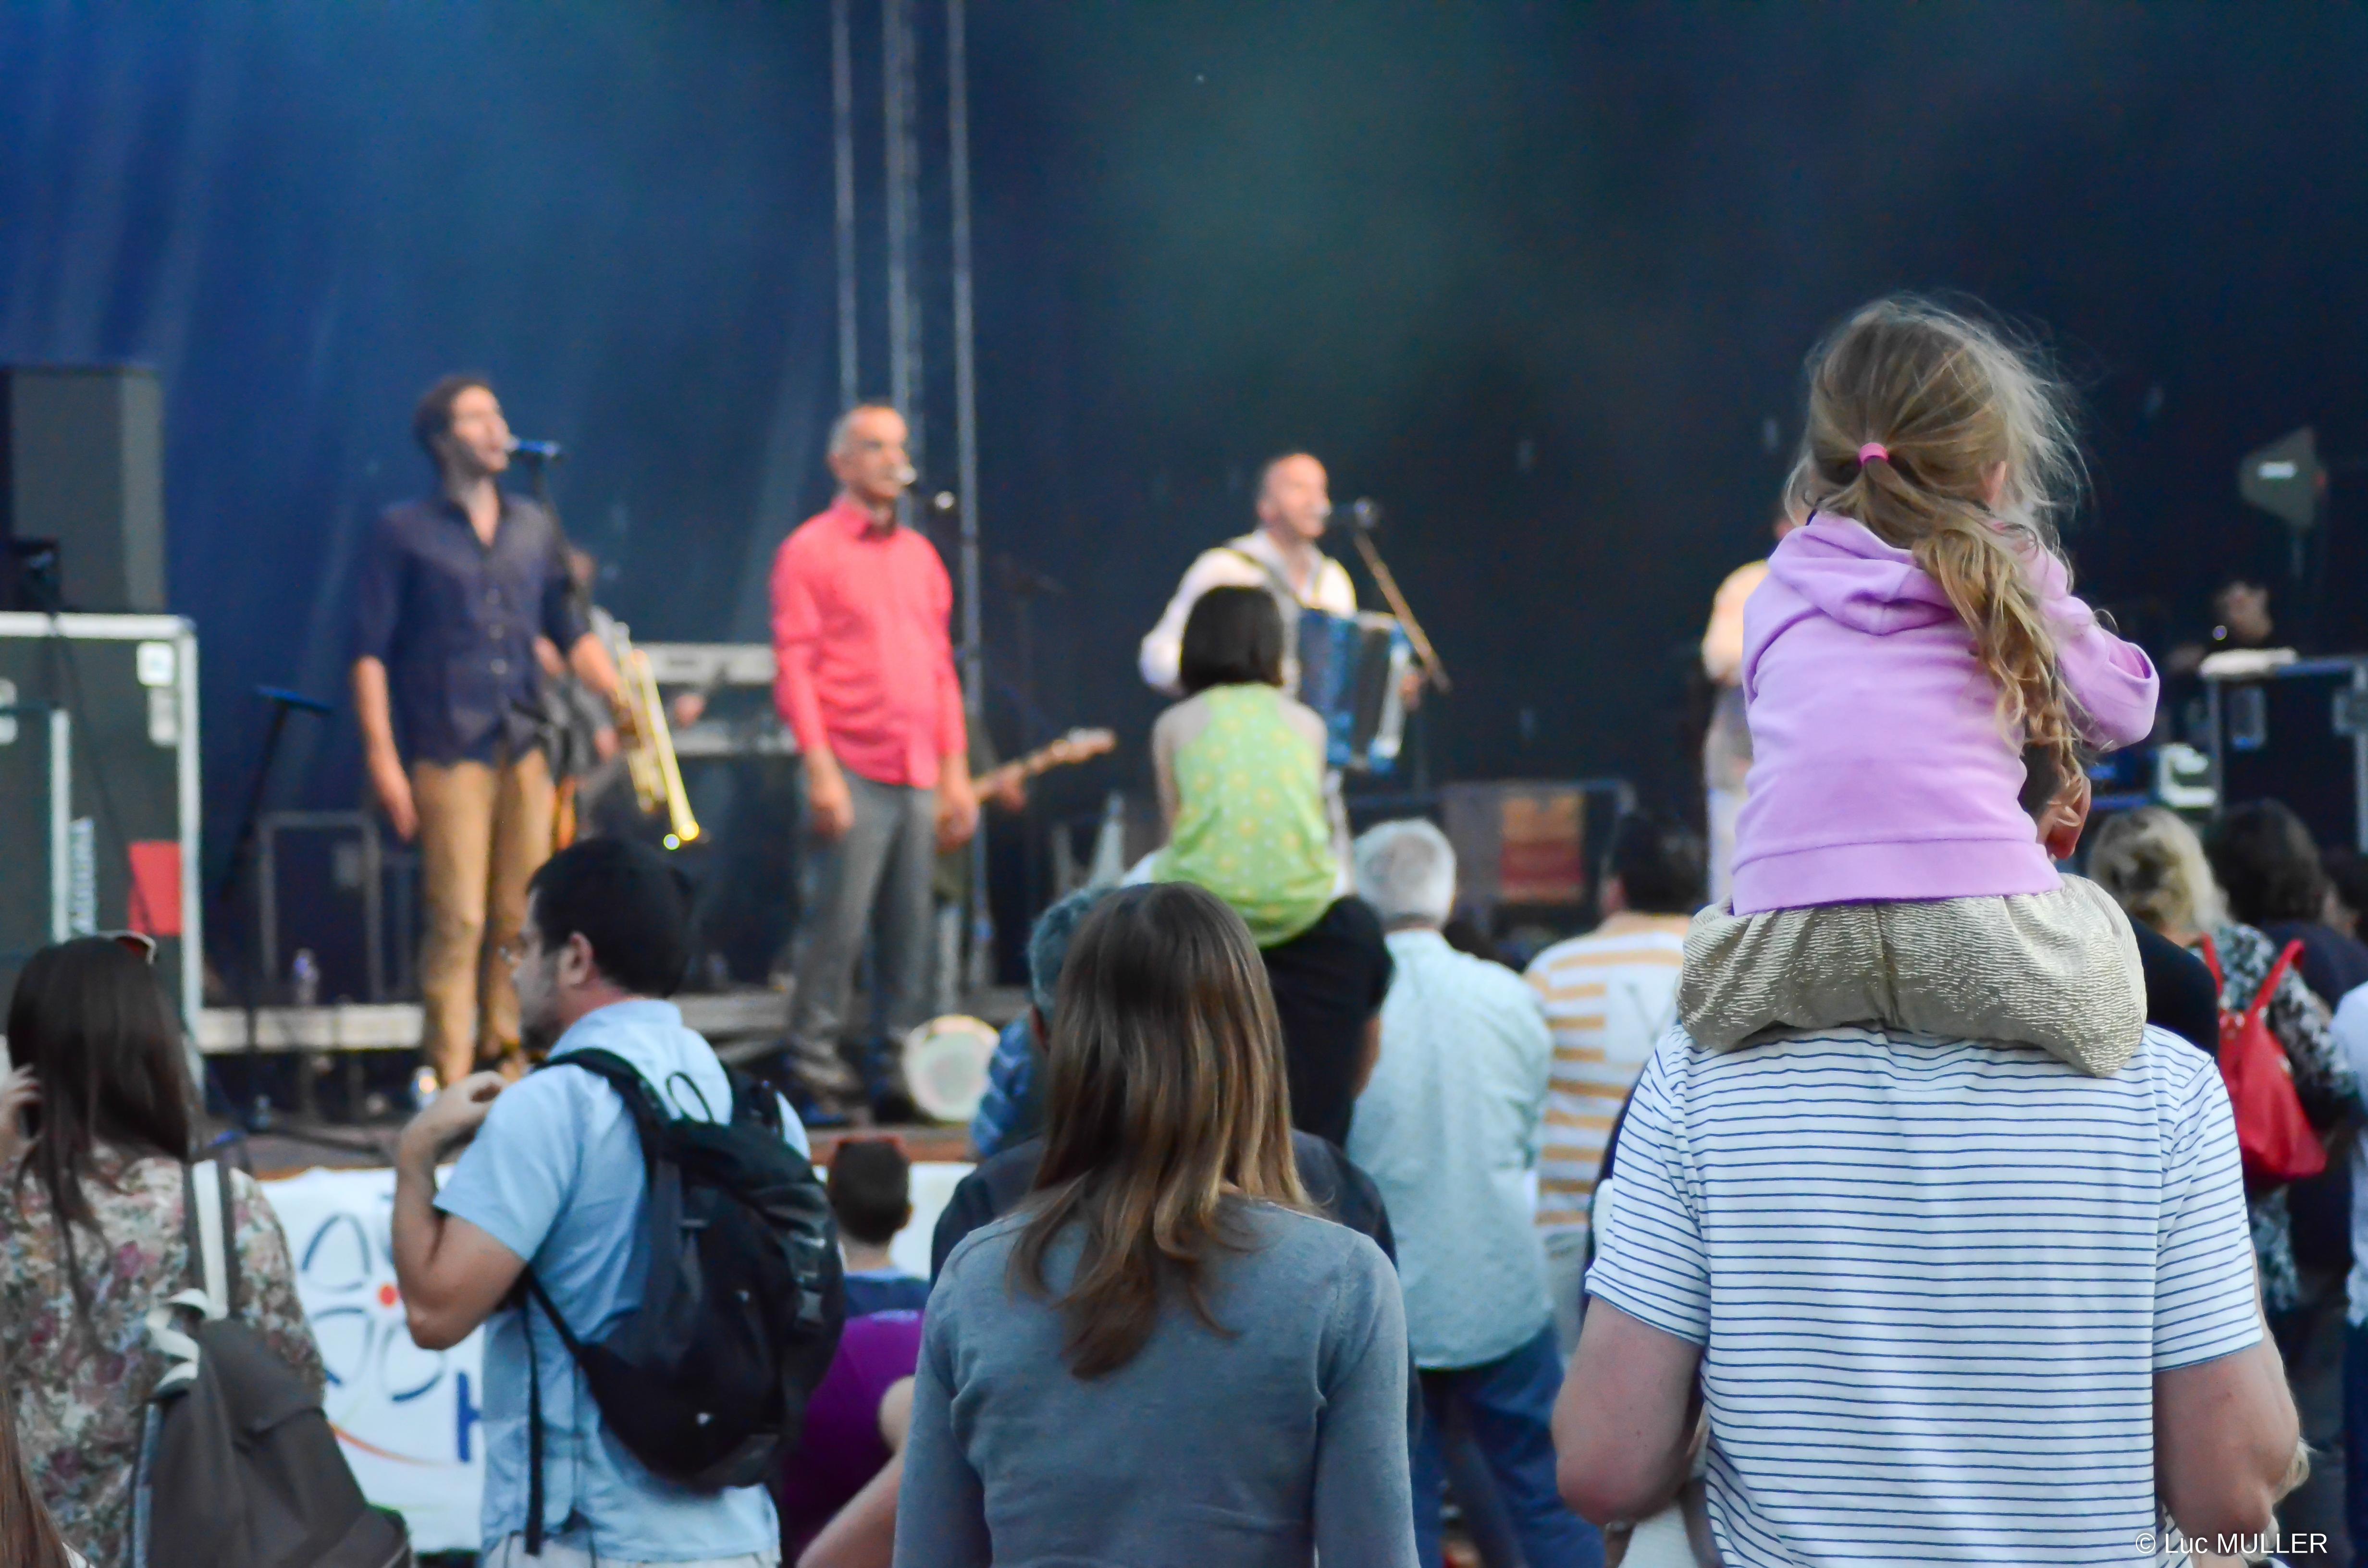 Fête de la musique 2014 - Haguenau - 21/06/2014 - © Luc Muller